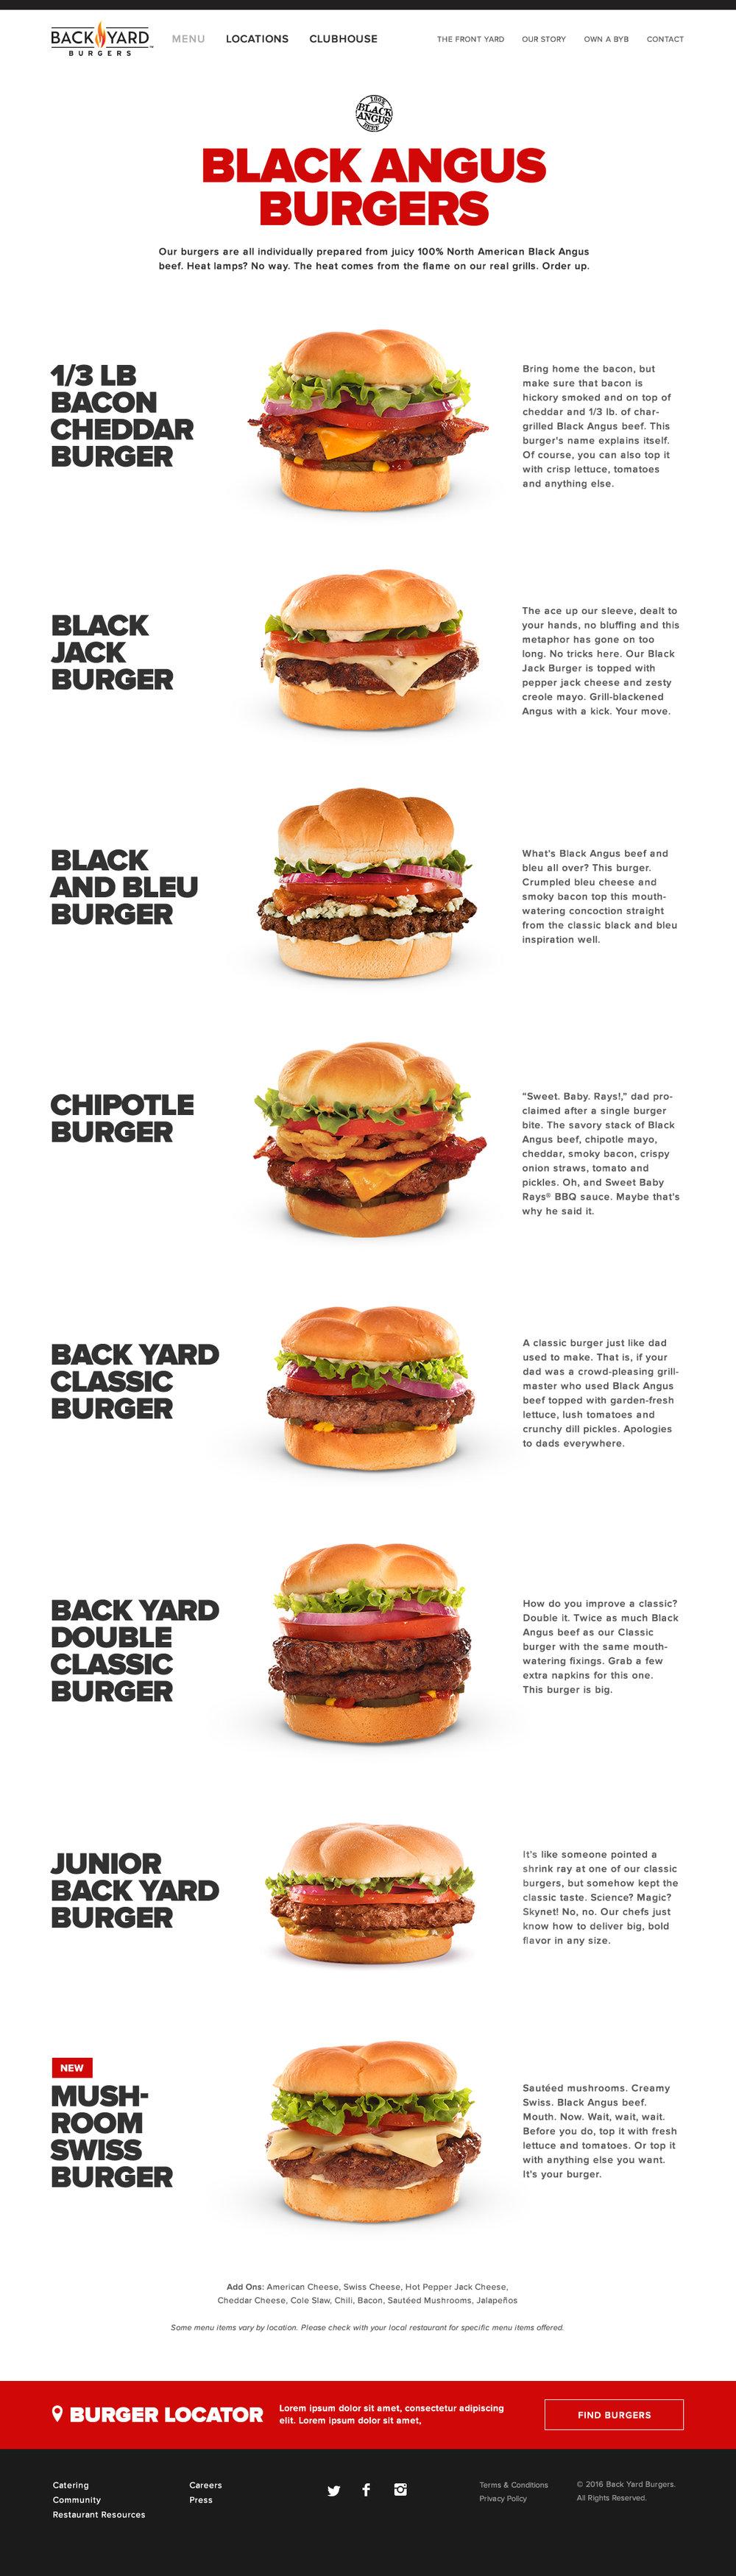 byb-menu-burgers.jpg